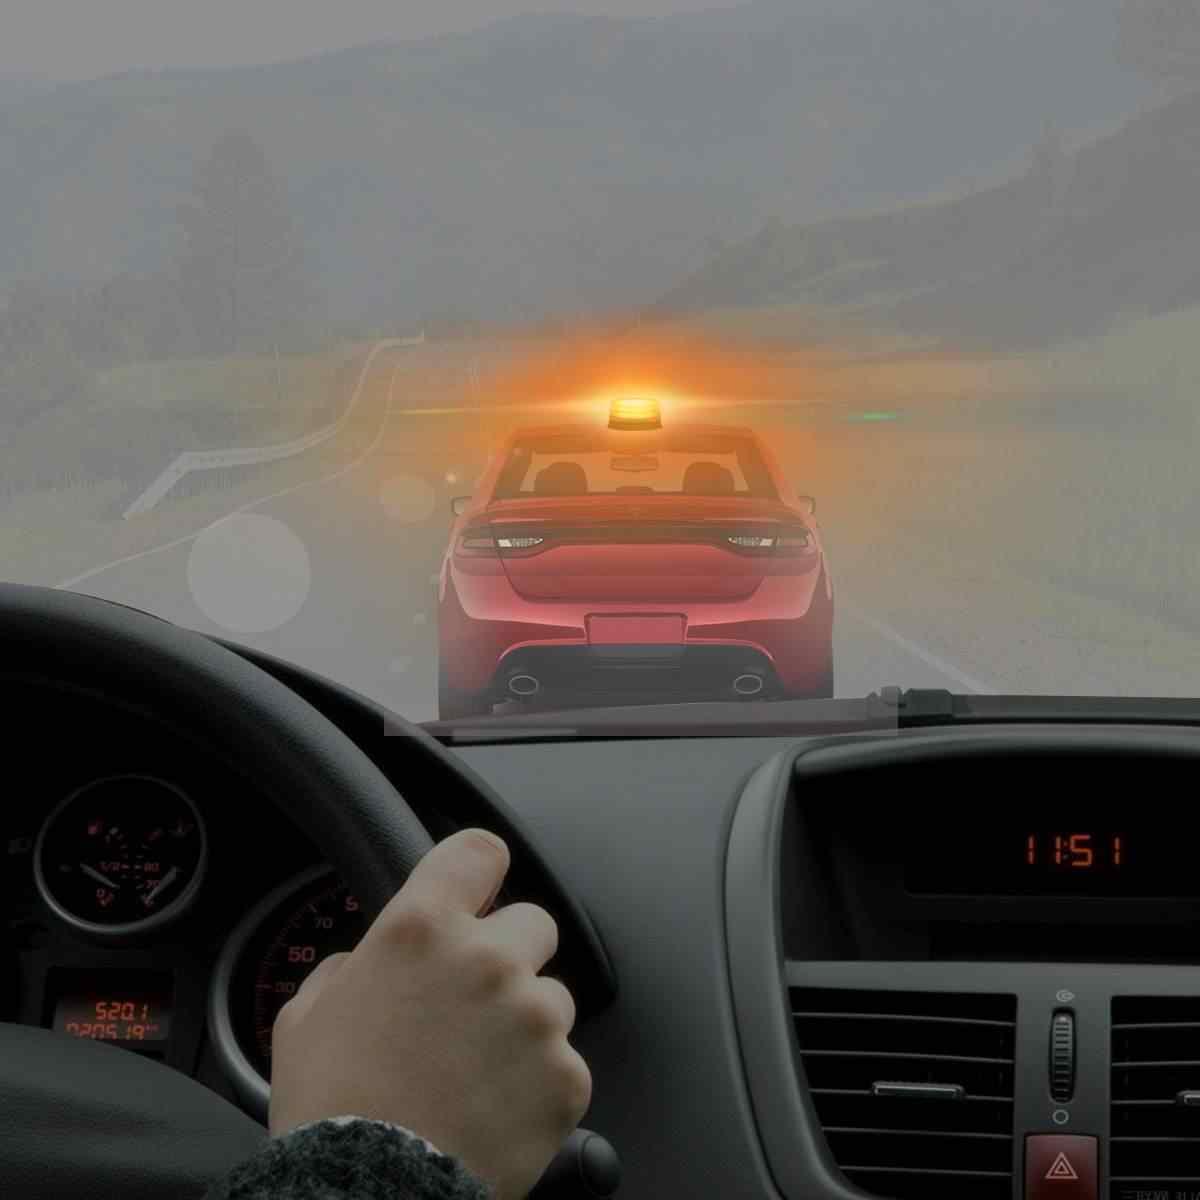 Baliza luminosa Universal LED intermitente luz de advertencia coche autobús camión luces de emergencia estroboscópicas magnéticas techo lámpara de advertencia